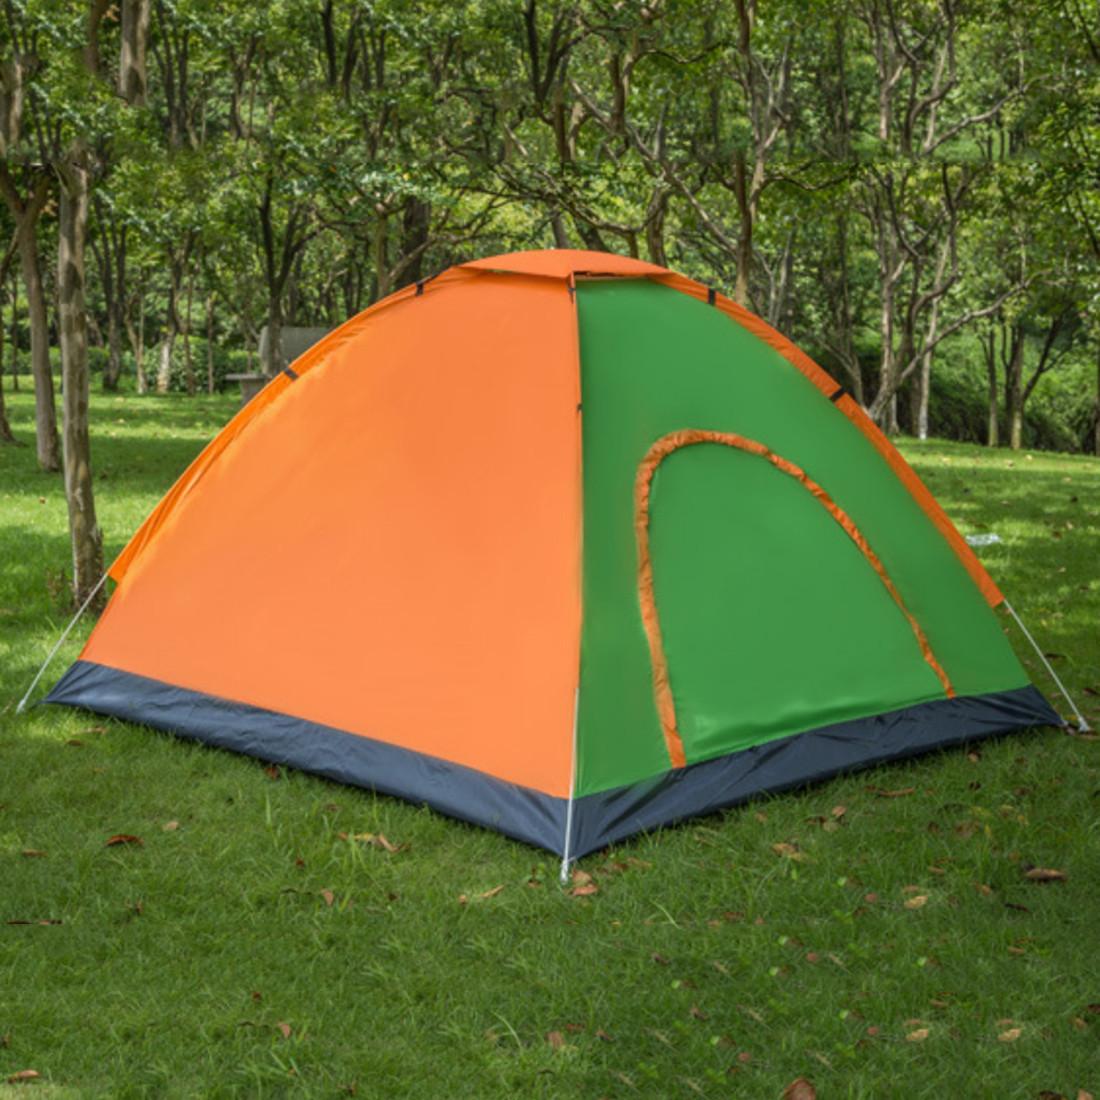 Палатка двух-трех местная 200х150х140см туристическая рыбацкая кемпинговая